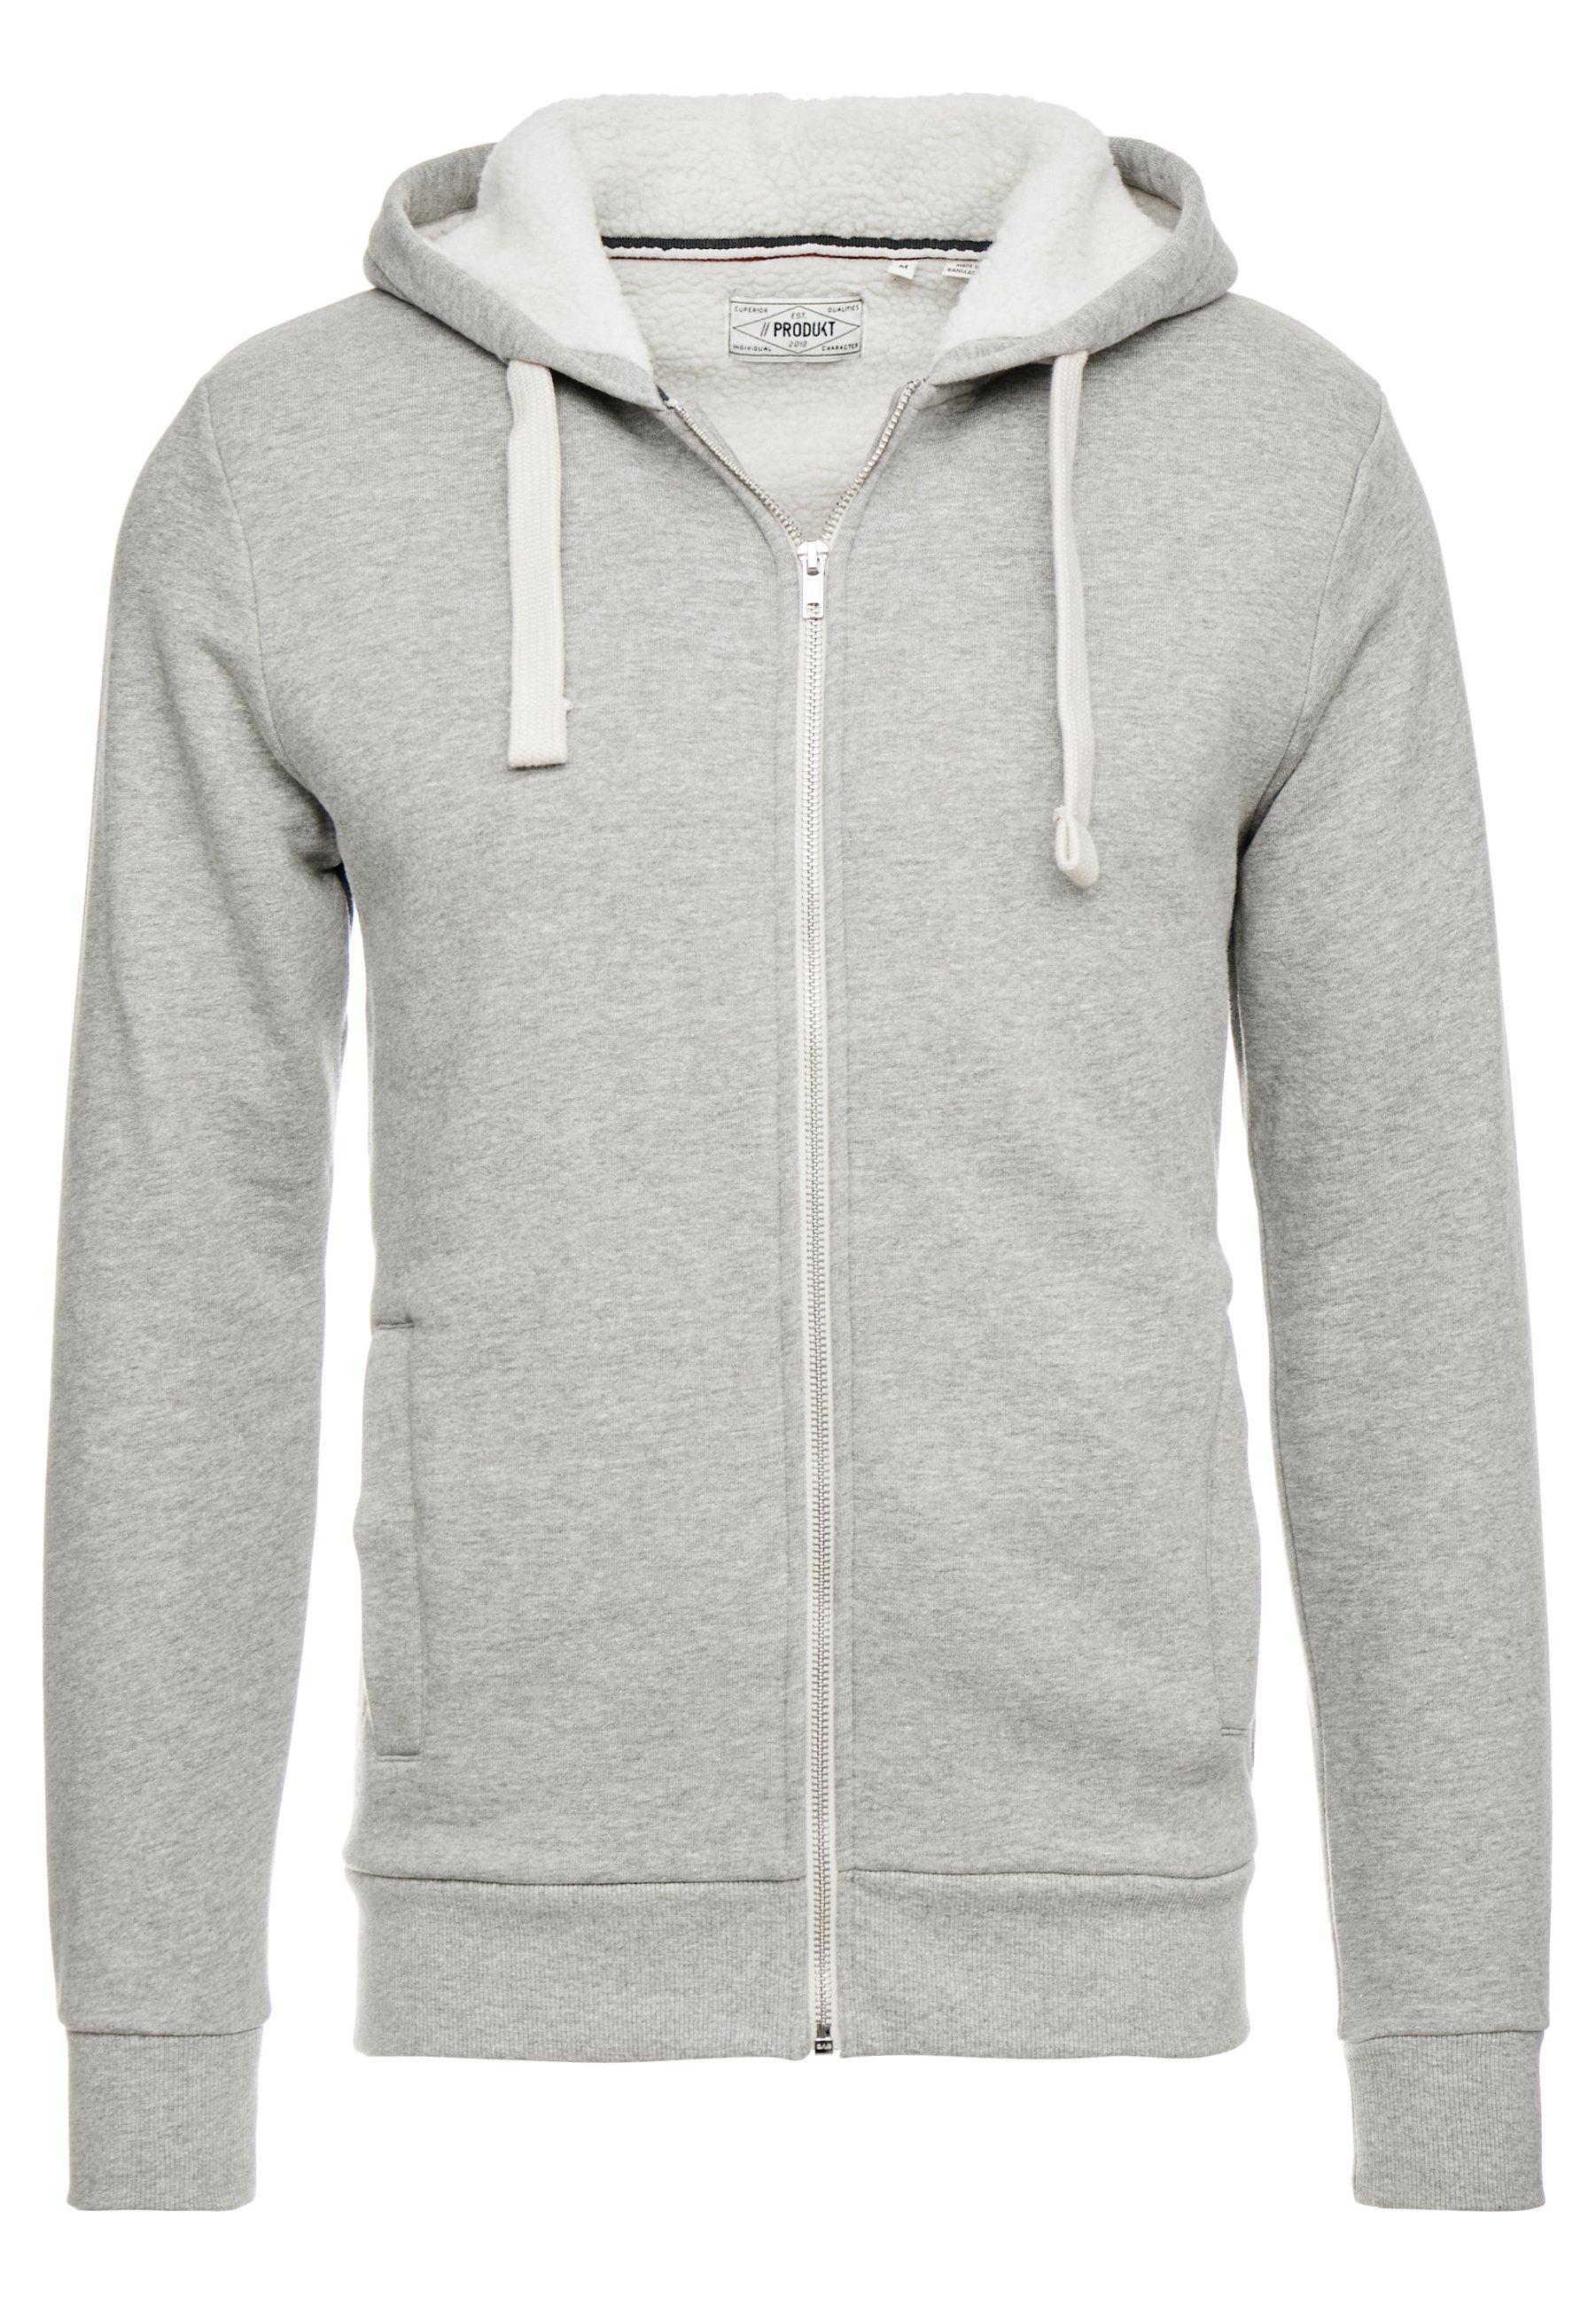 Produkt Pktgms Ted Hood - Veste En Sweat Zippée Light Grey Melange